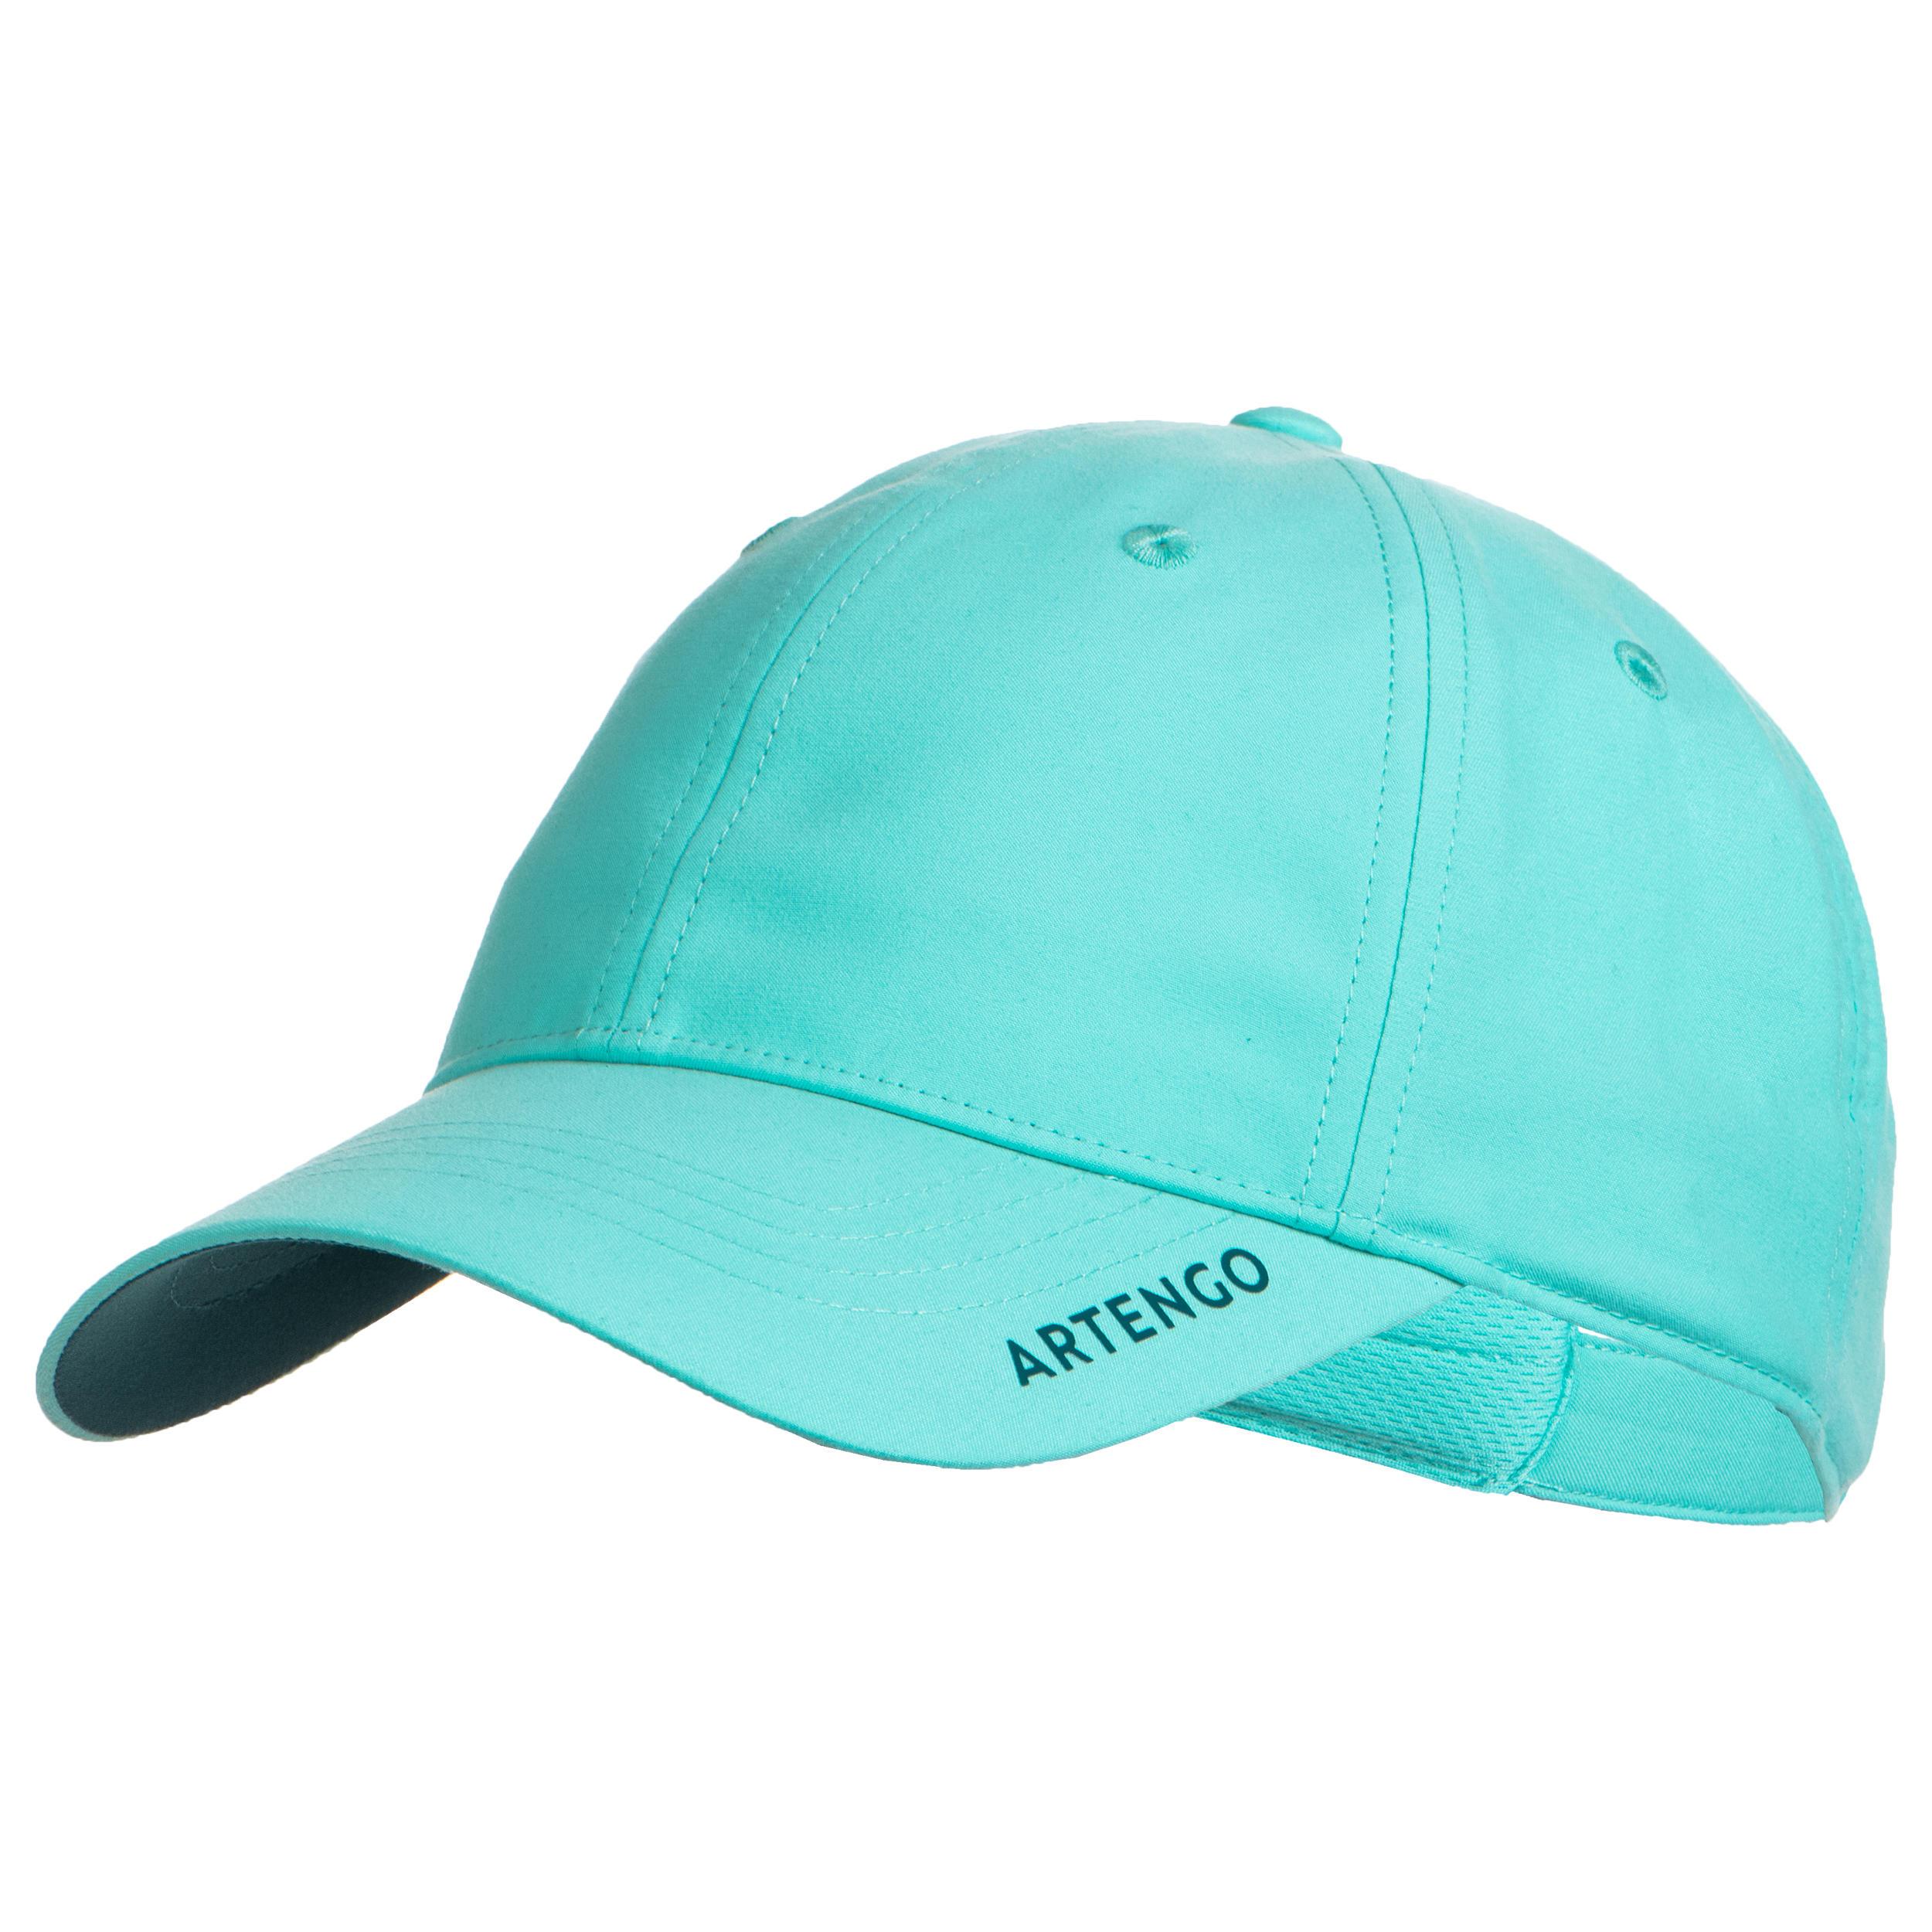 Șapcă Tenis TC500 la Reducere poza